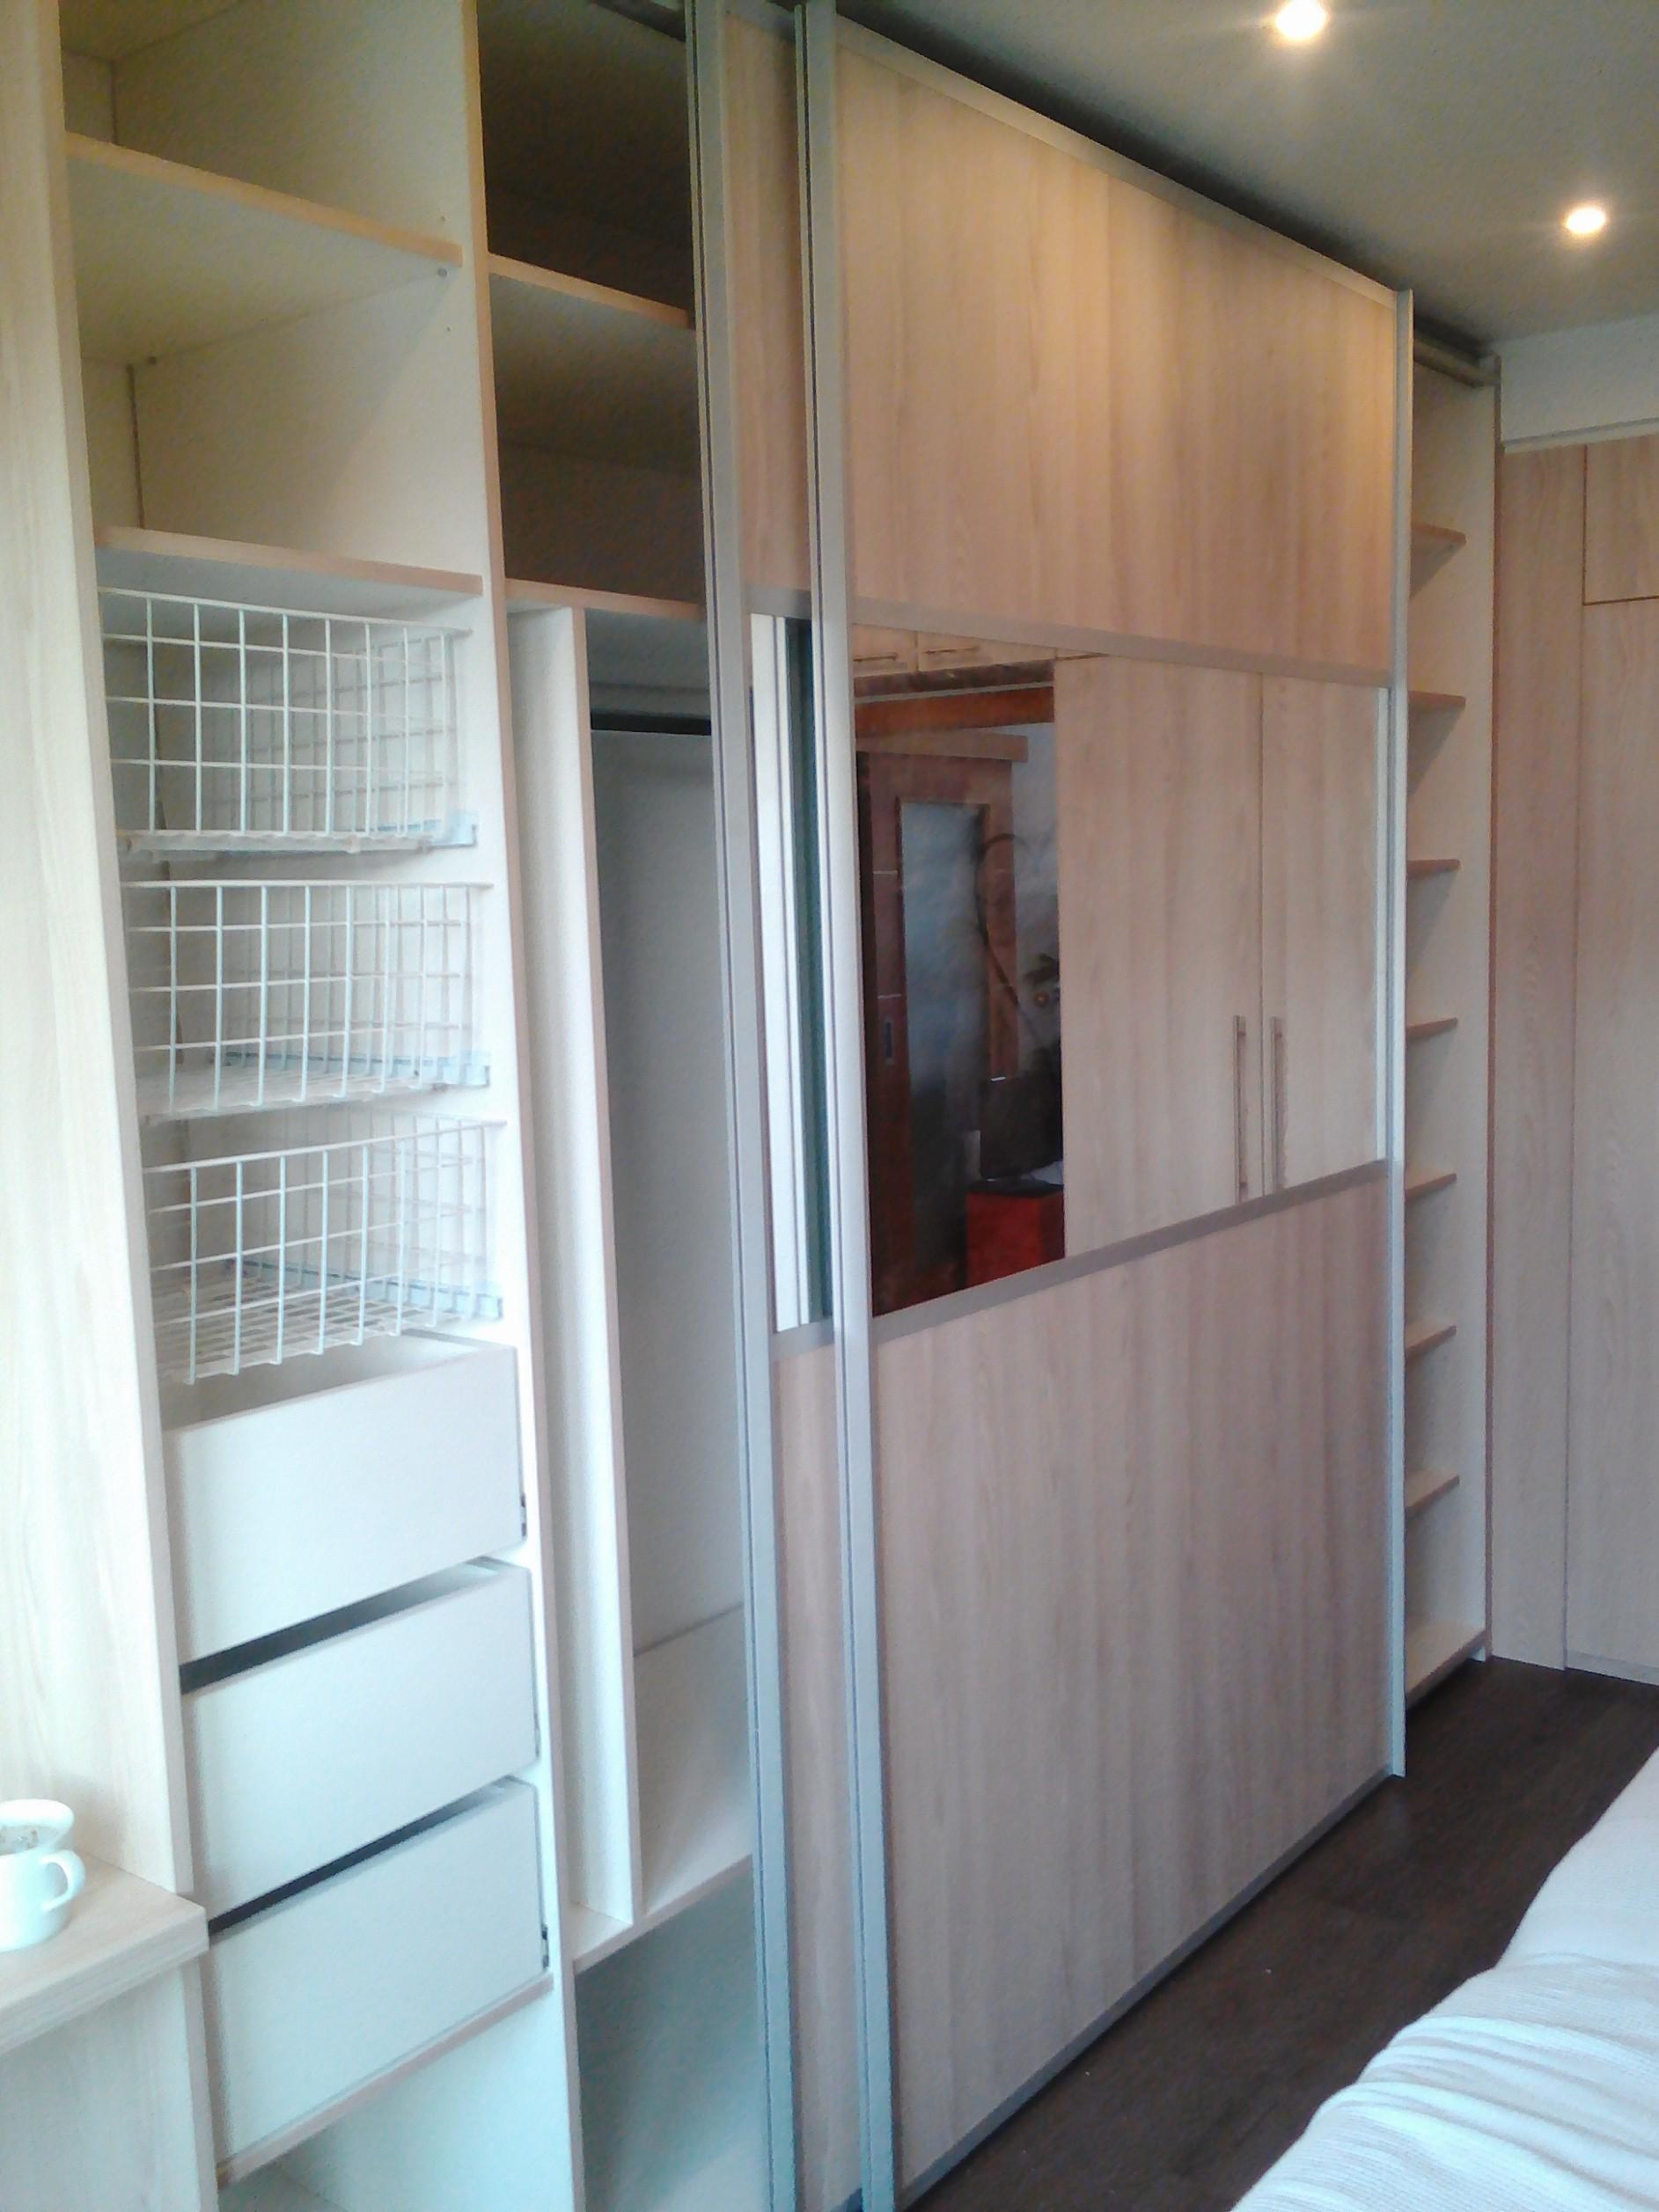 Vestavěné skříně Brno - výroba vestavných skříní | Mareček - Vnitrní Vybavení Skríní